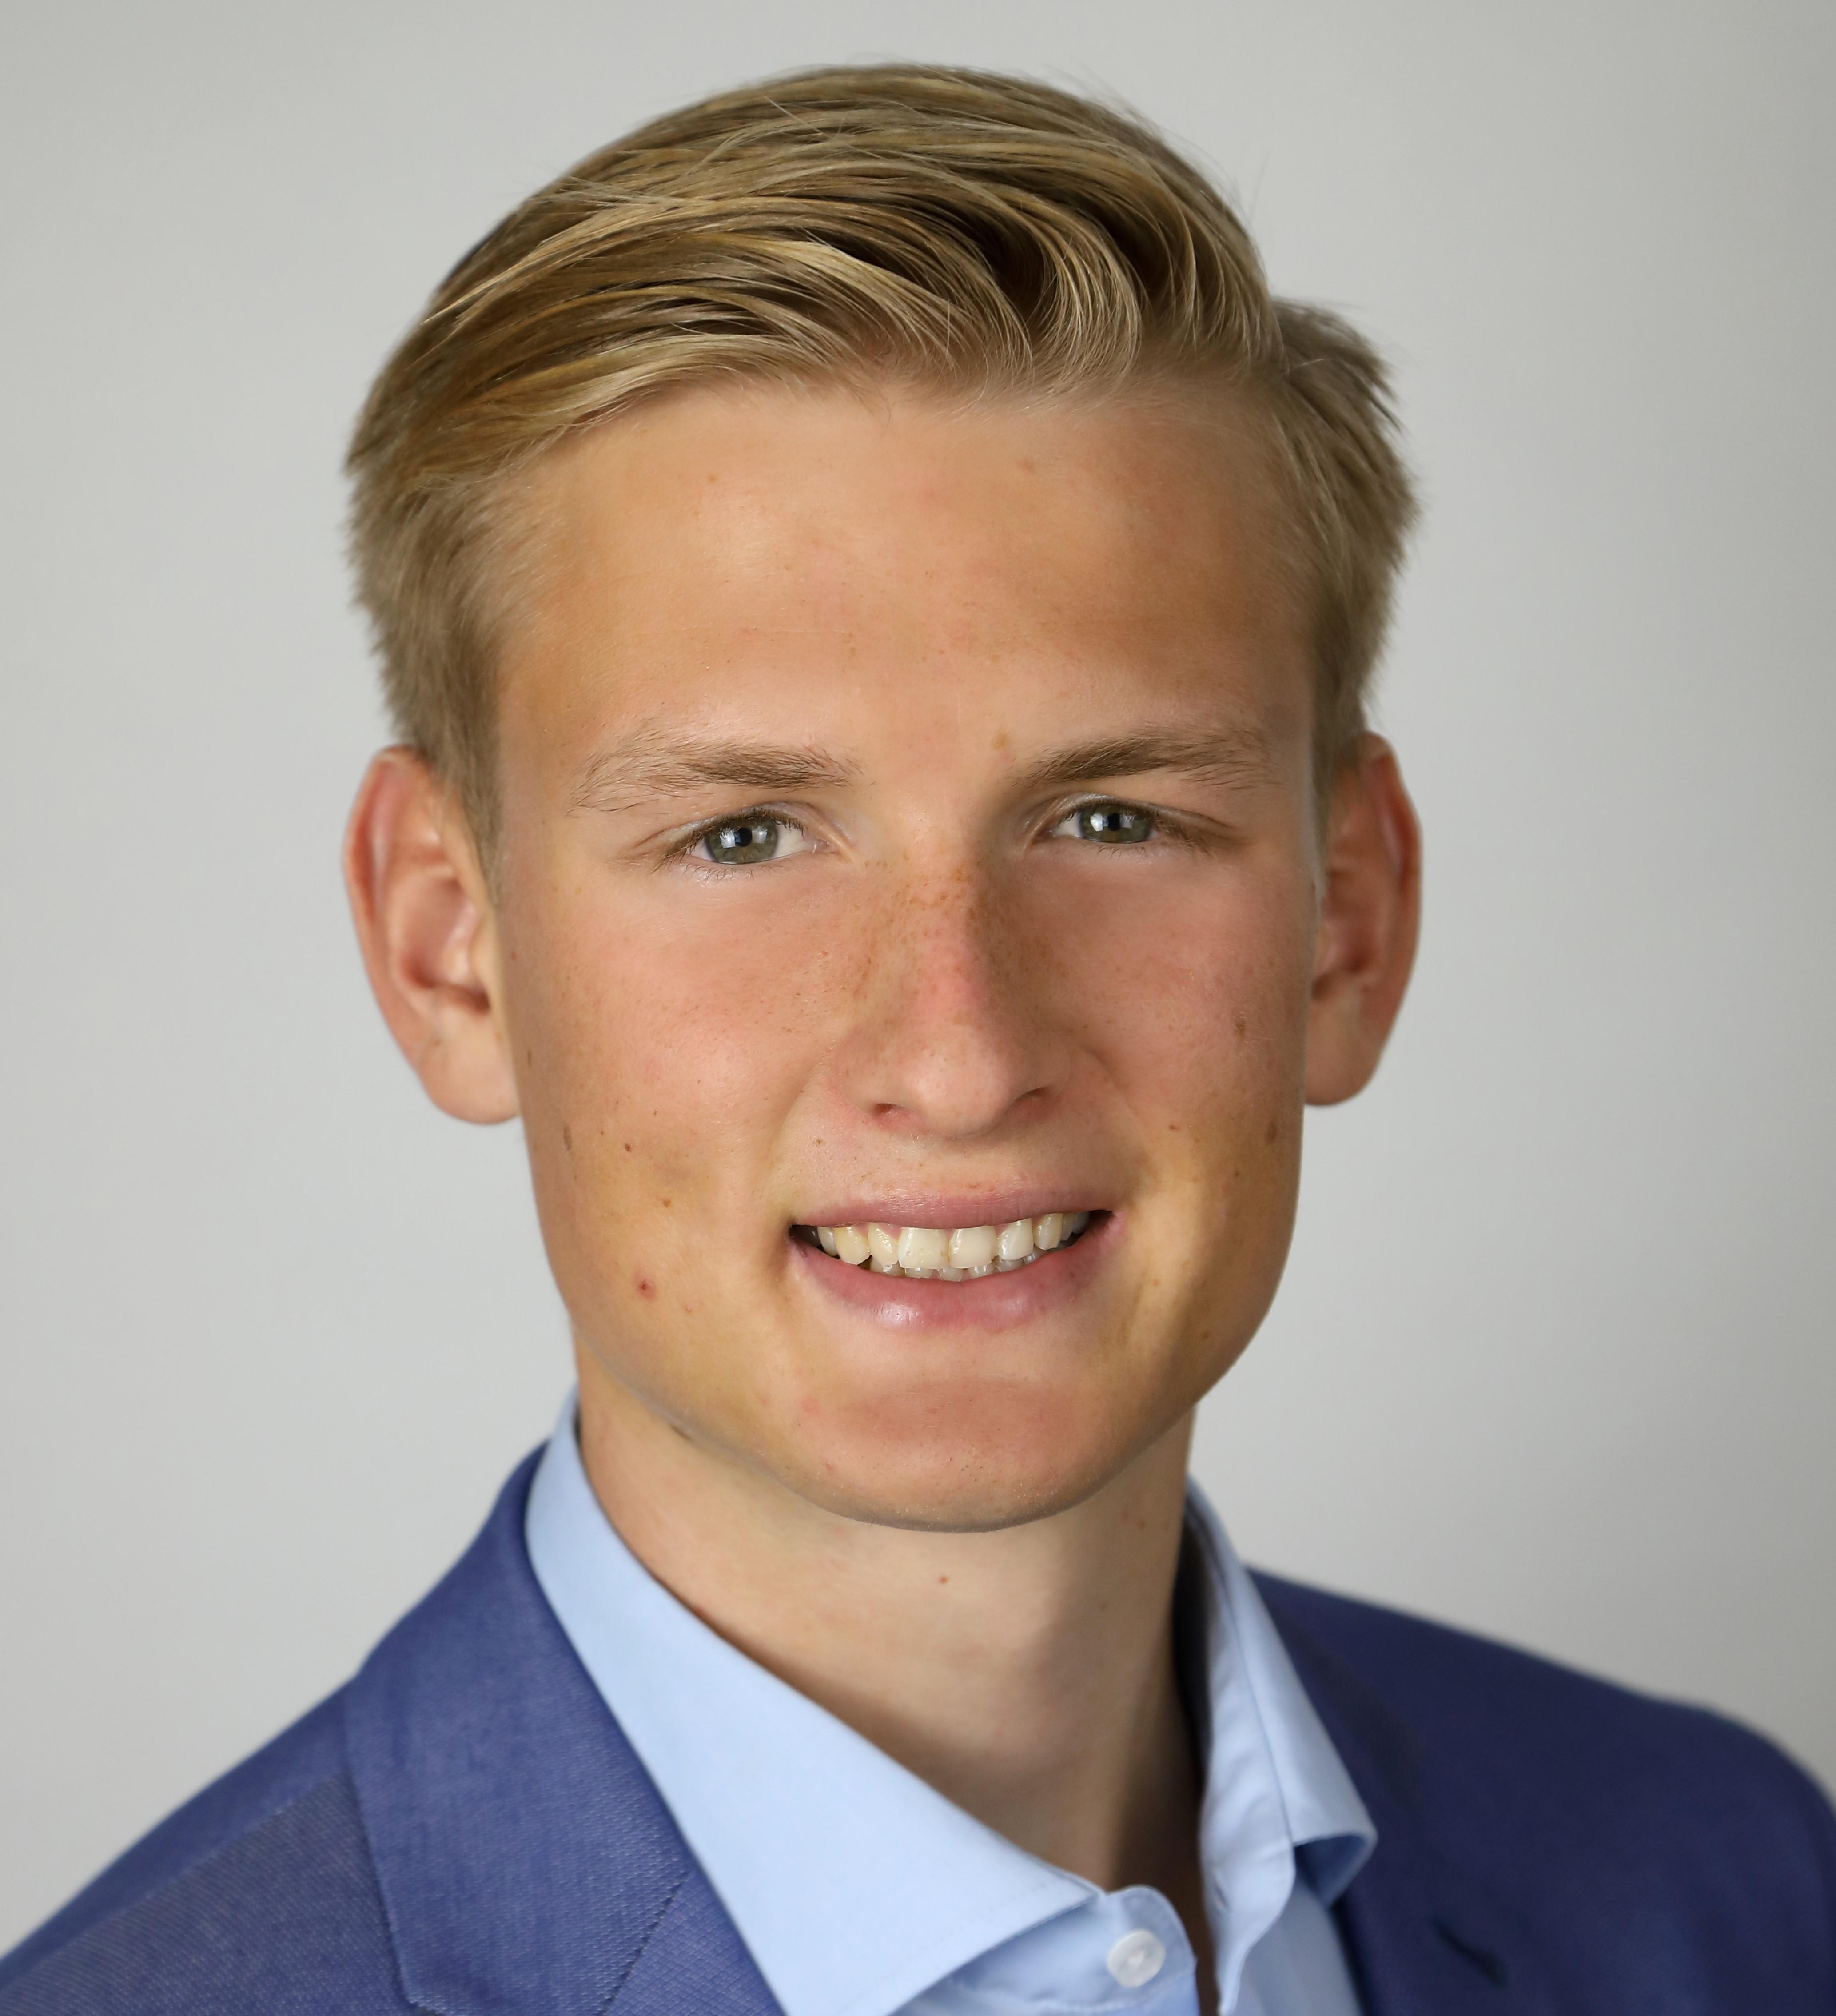 Nicolas Engelken